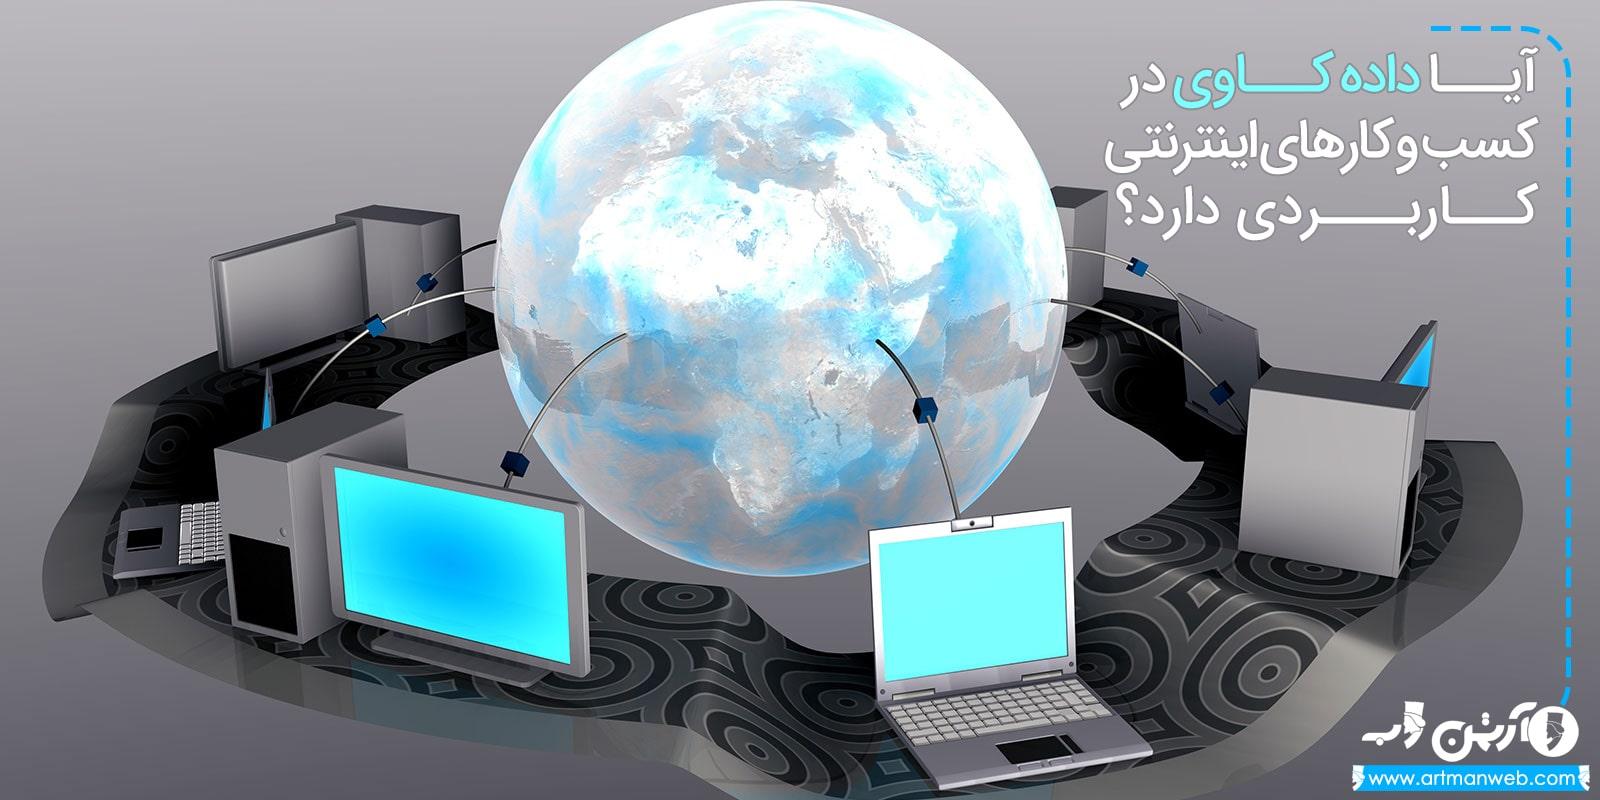 داده کاوی و تاثیر آن بر کسب وکار اینترنتی